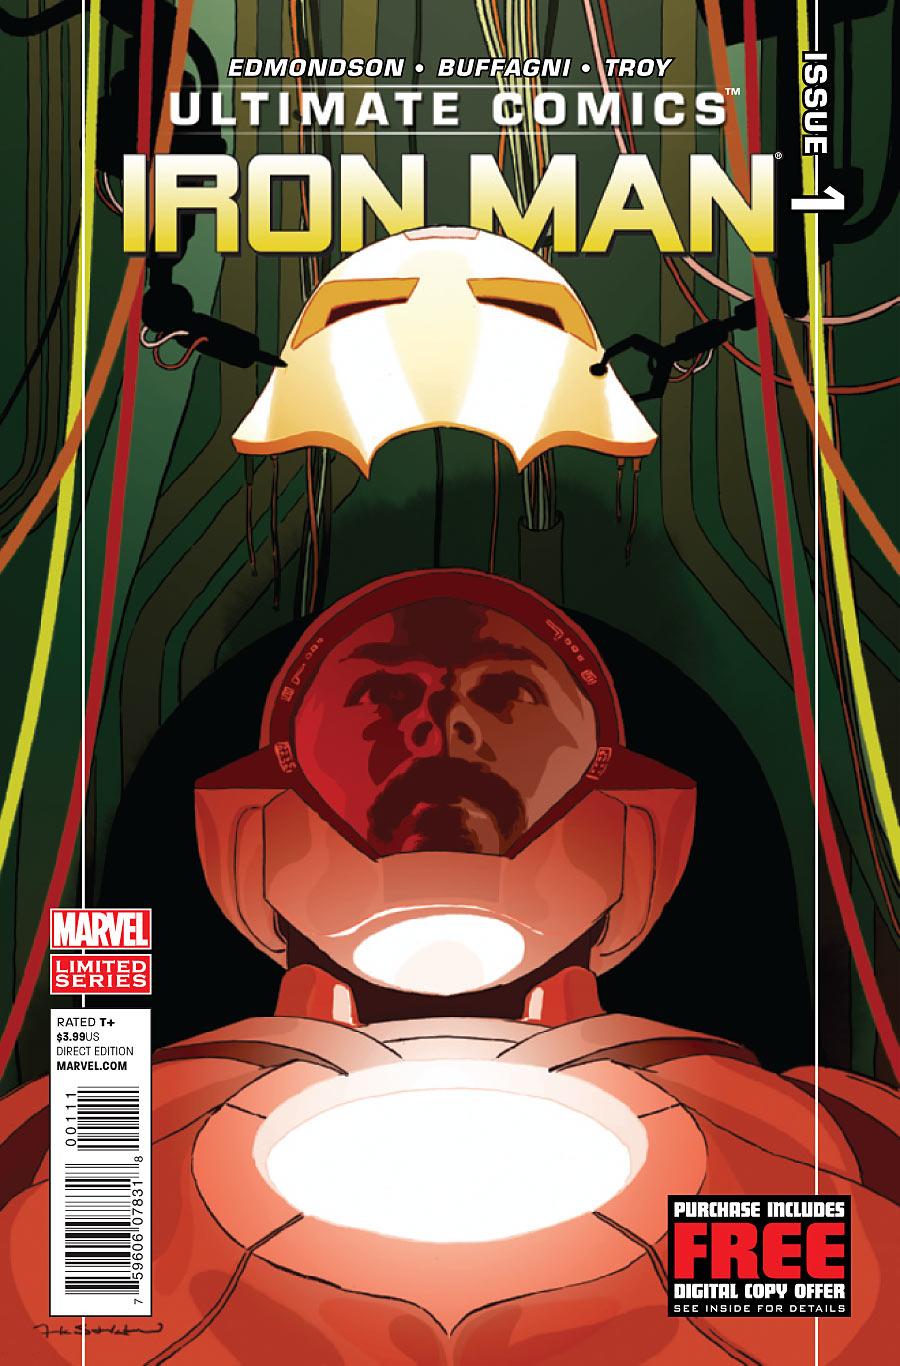 Ultimate Comics Iron Man 1